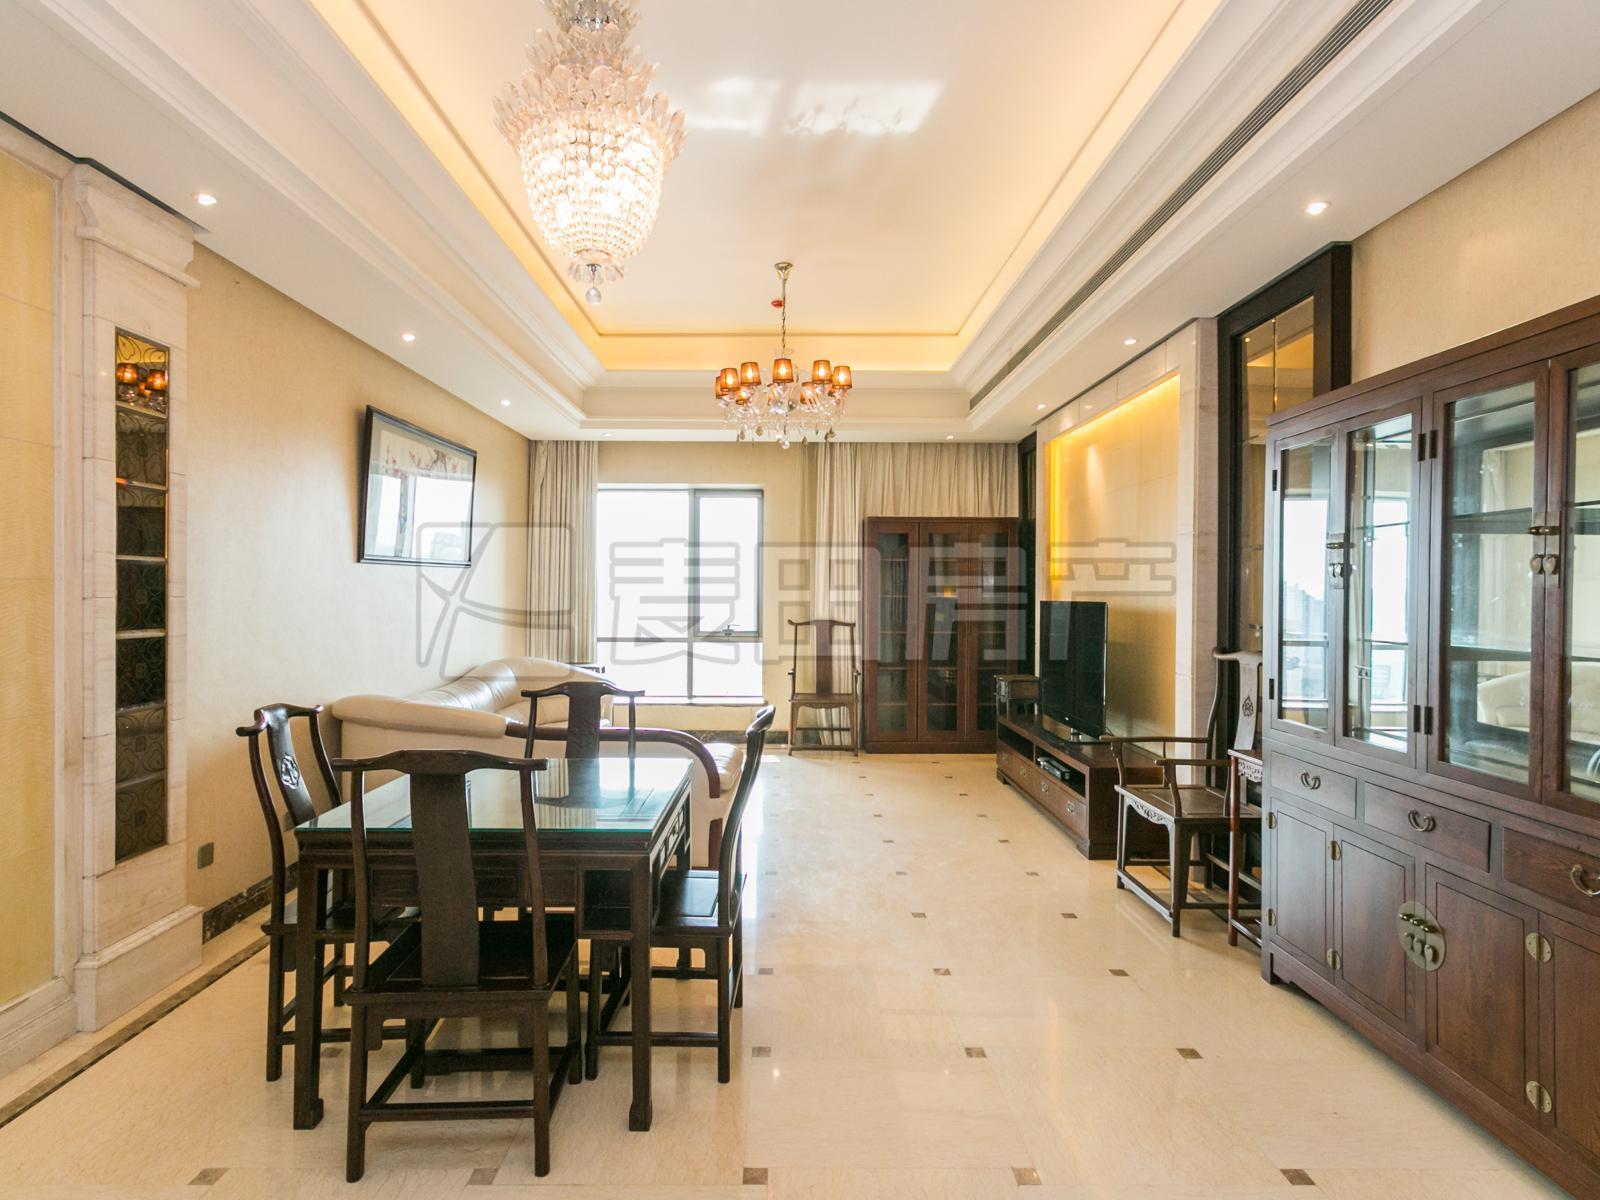 60平米大主卧室 南北三居 高楼层 看房方便 北苑+望京+亚运村